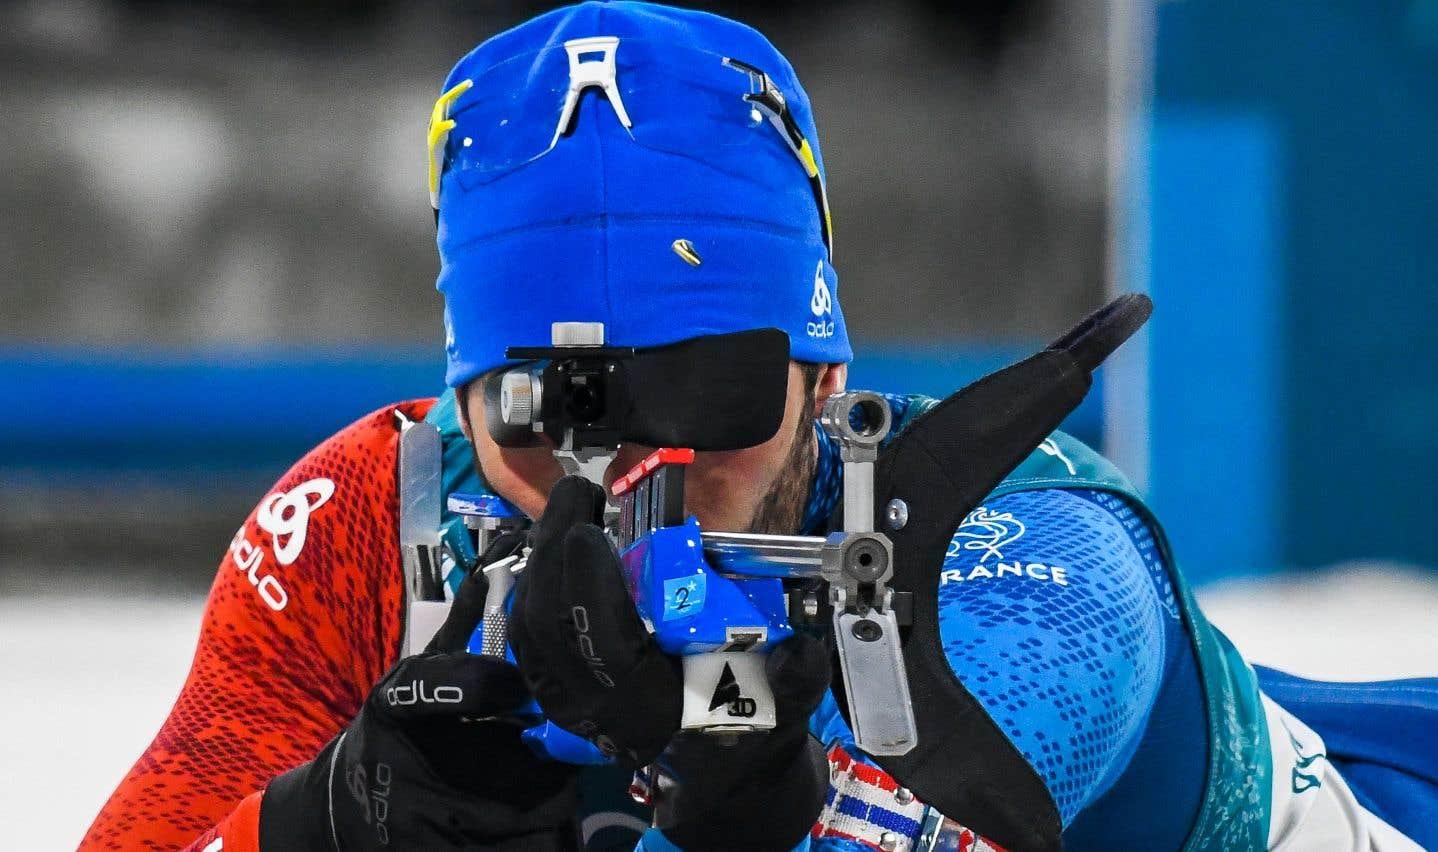 La quatrième médaille d'or olympique de sa carrière acquise au 15 km en départ groupé fait maintenant de Fourcade le Français le plus titré des Jeux olympiques d'hiver.